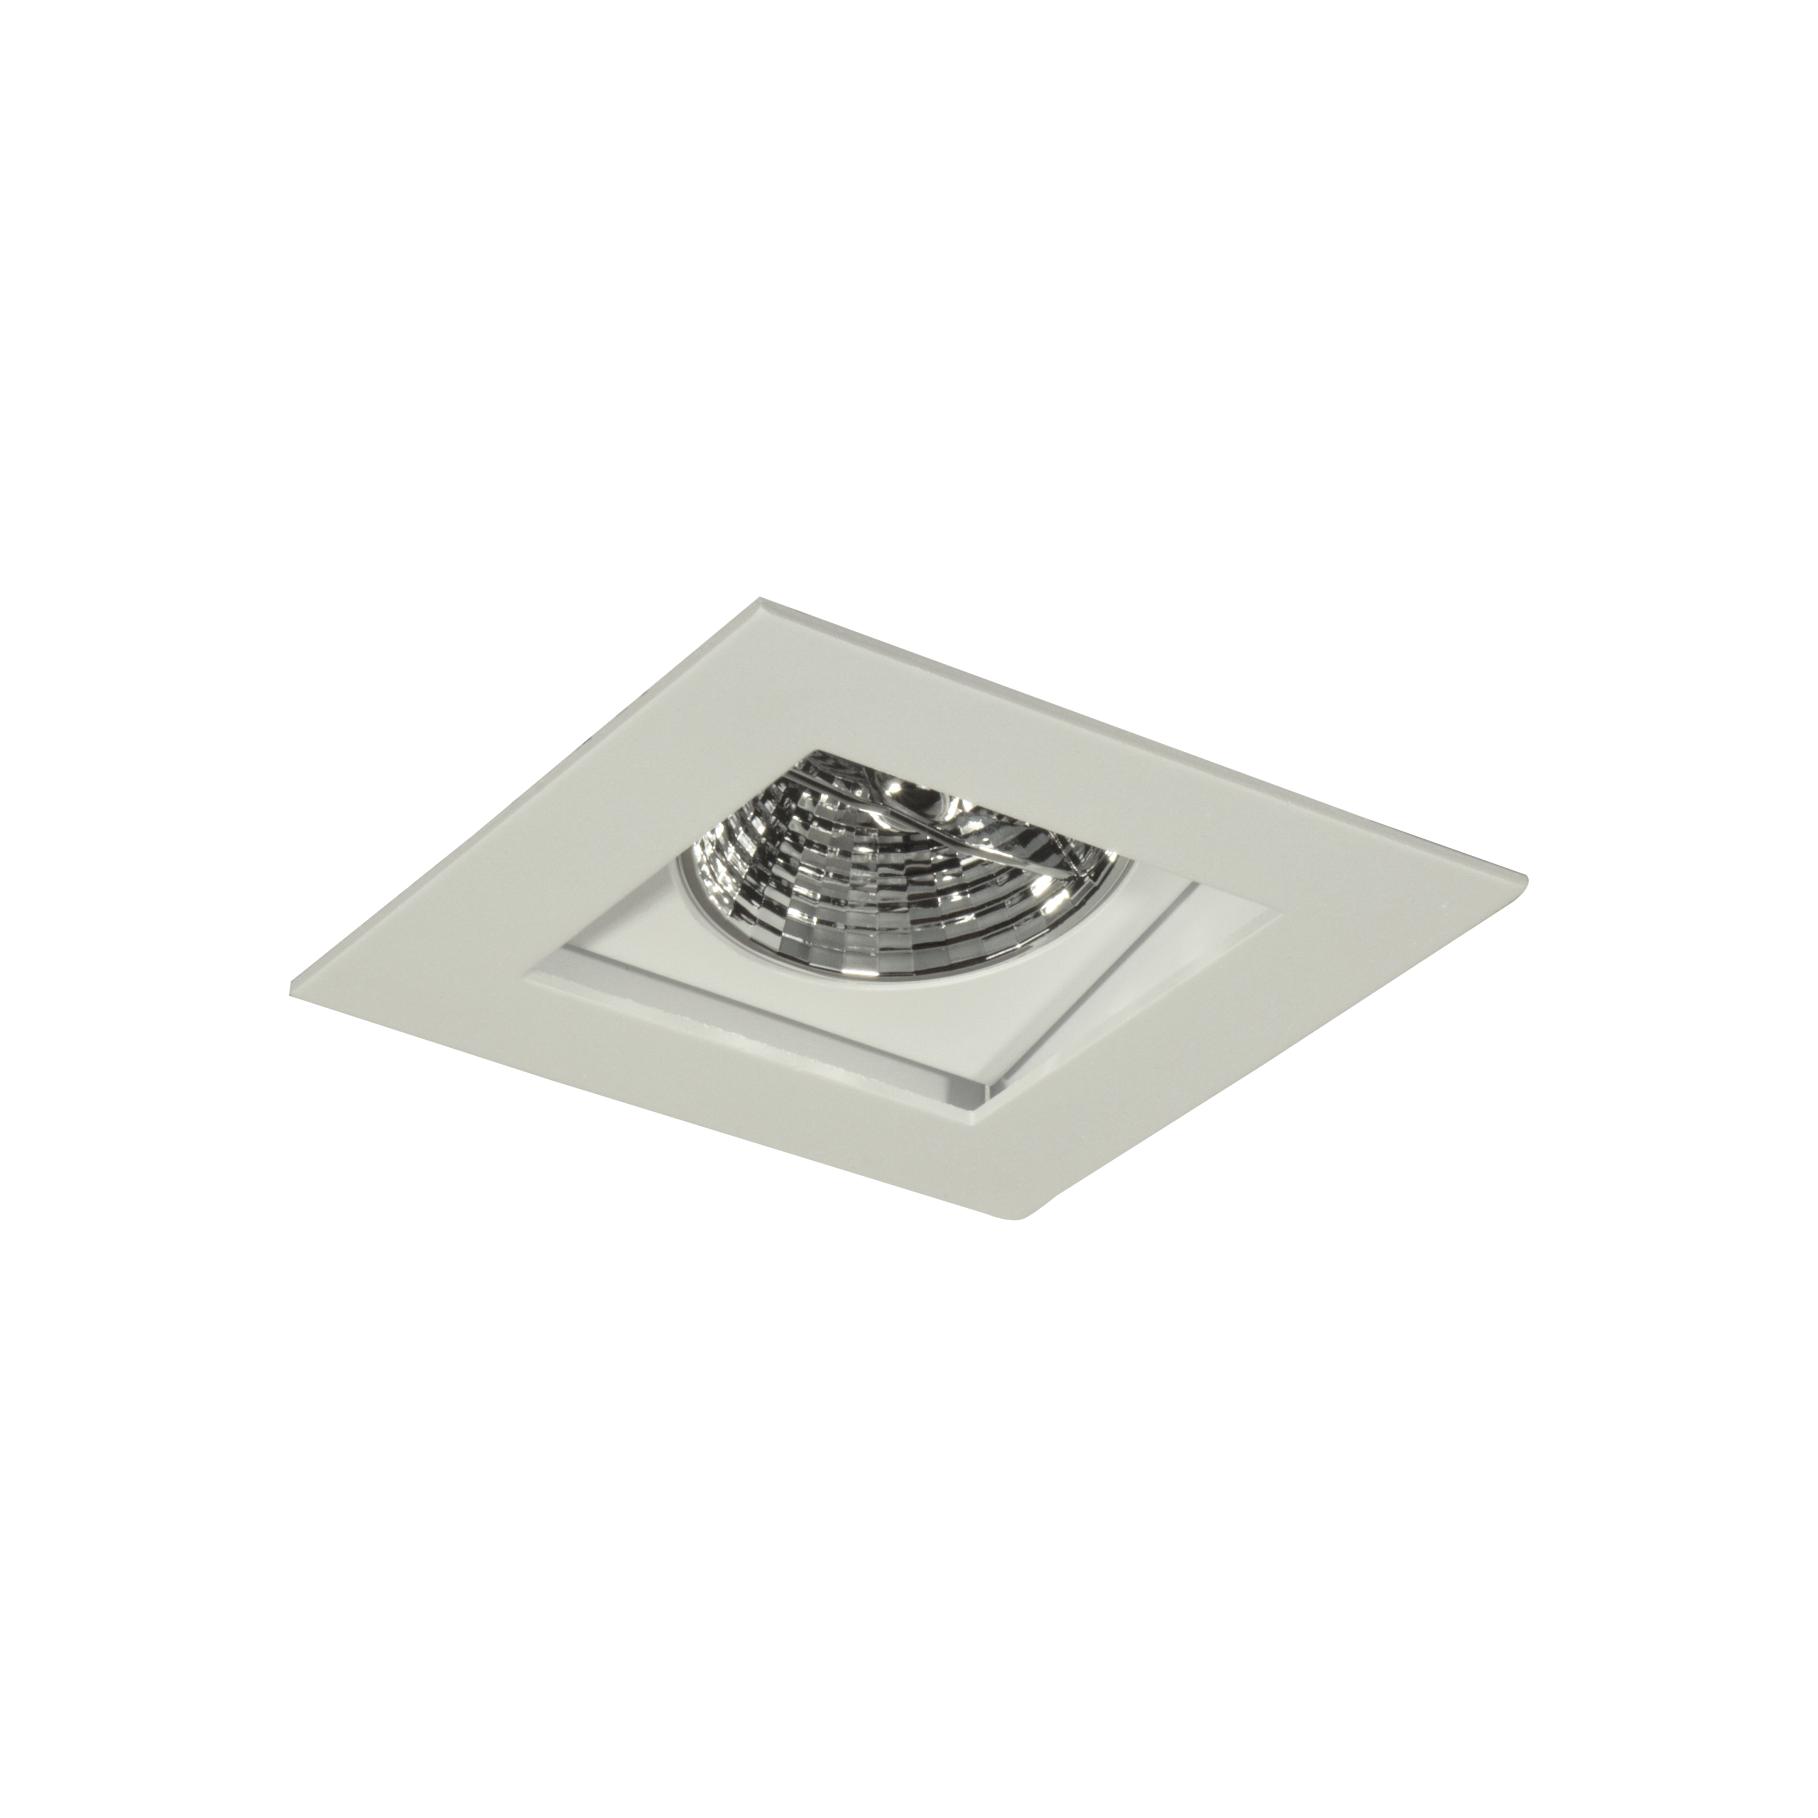 Spot Embutir Aluminio Direcional Quadrado Ar70 Branco 7004 - Goli